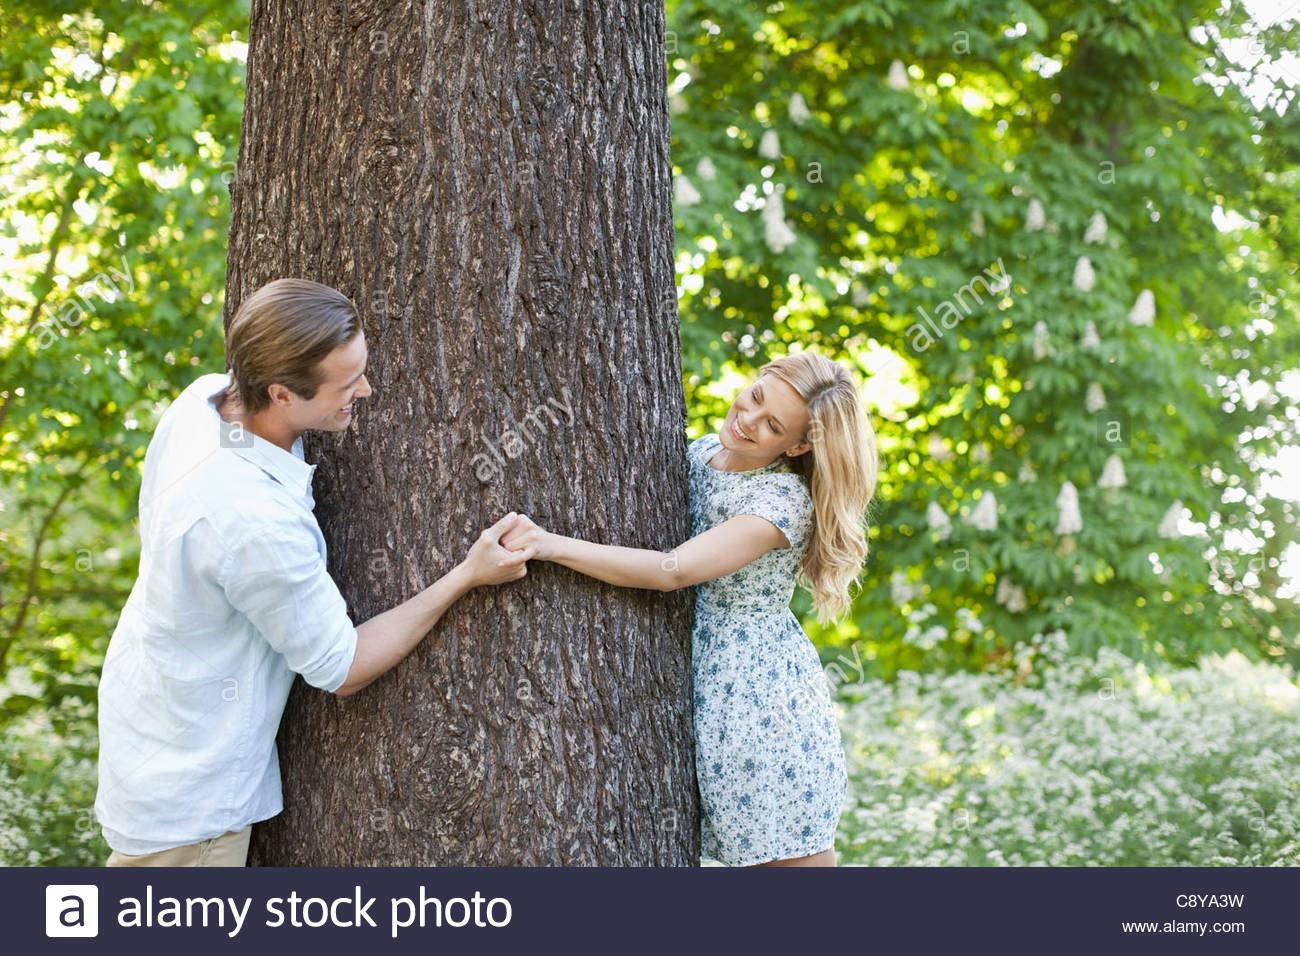 Las manos de la pareja alrededor del árbol Foto de stock